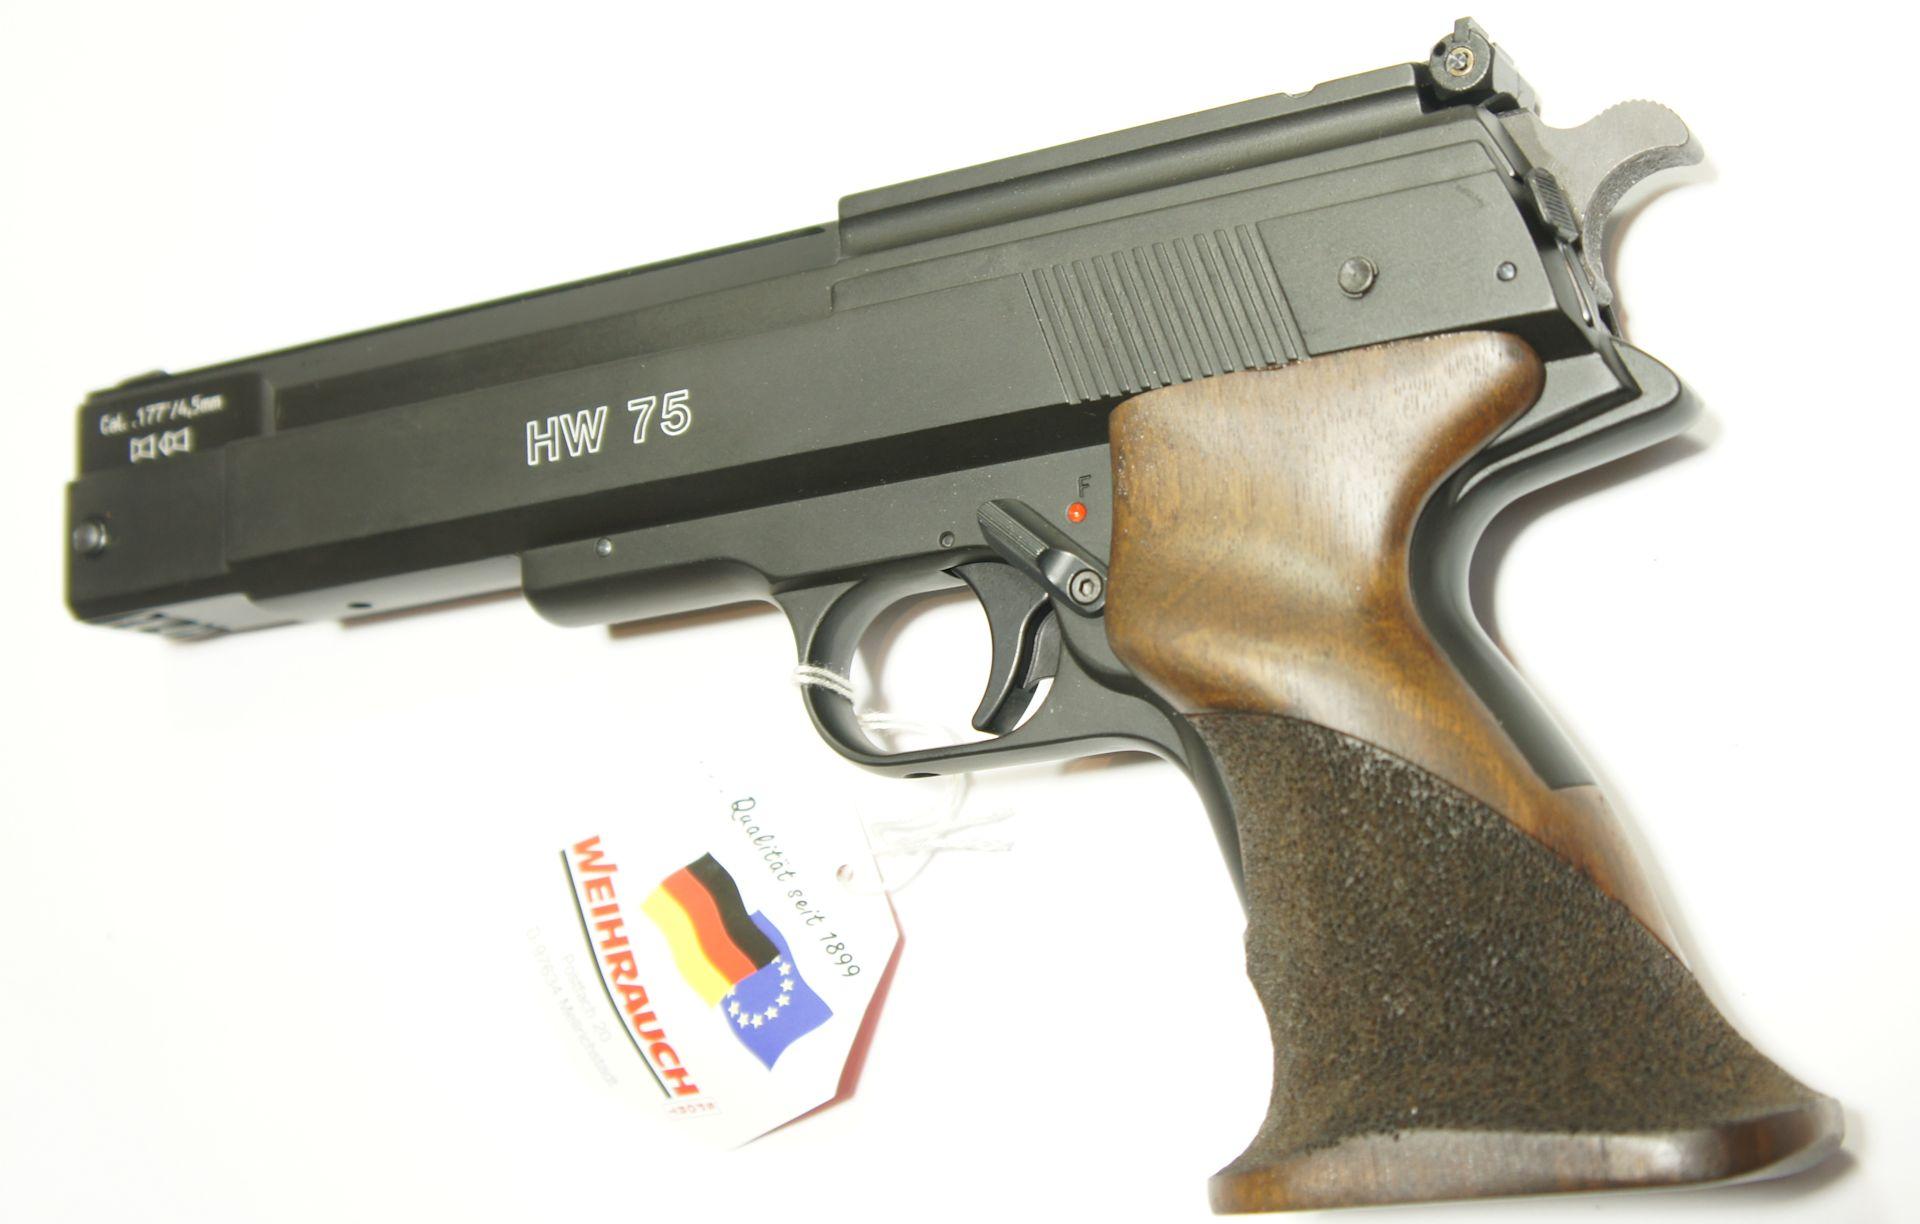 Luftpistole HW 75 von Weihrauch mit sportlichem Formgriff aus Griff aus Nussbaumholz